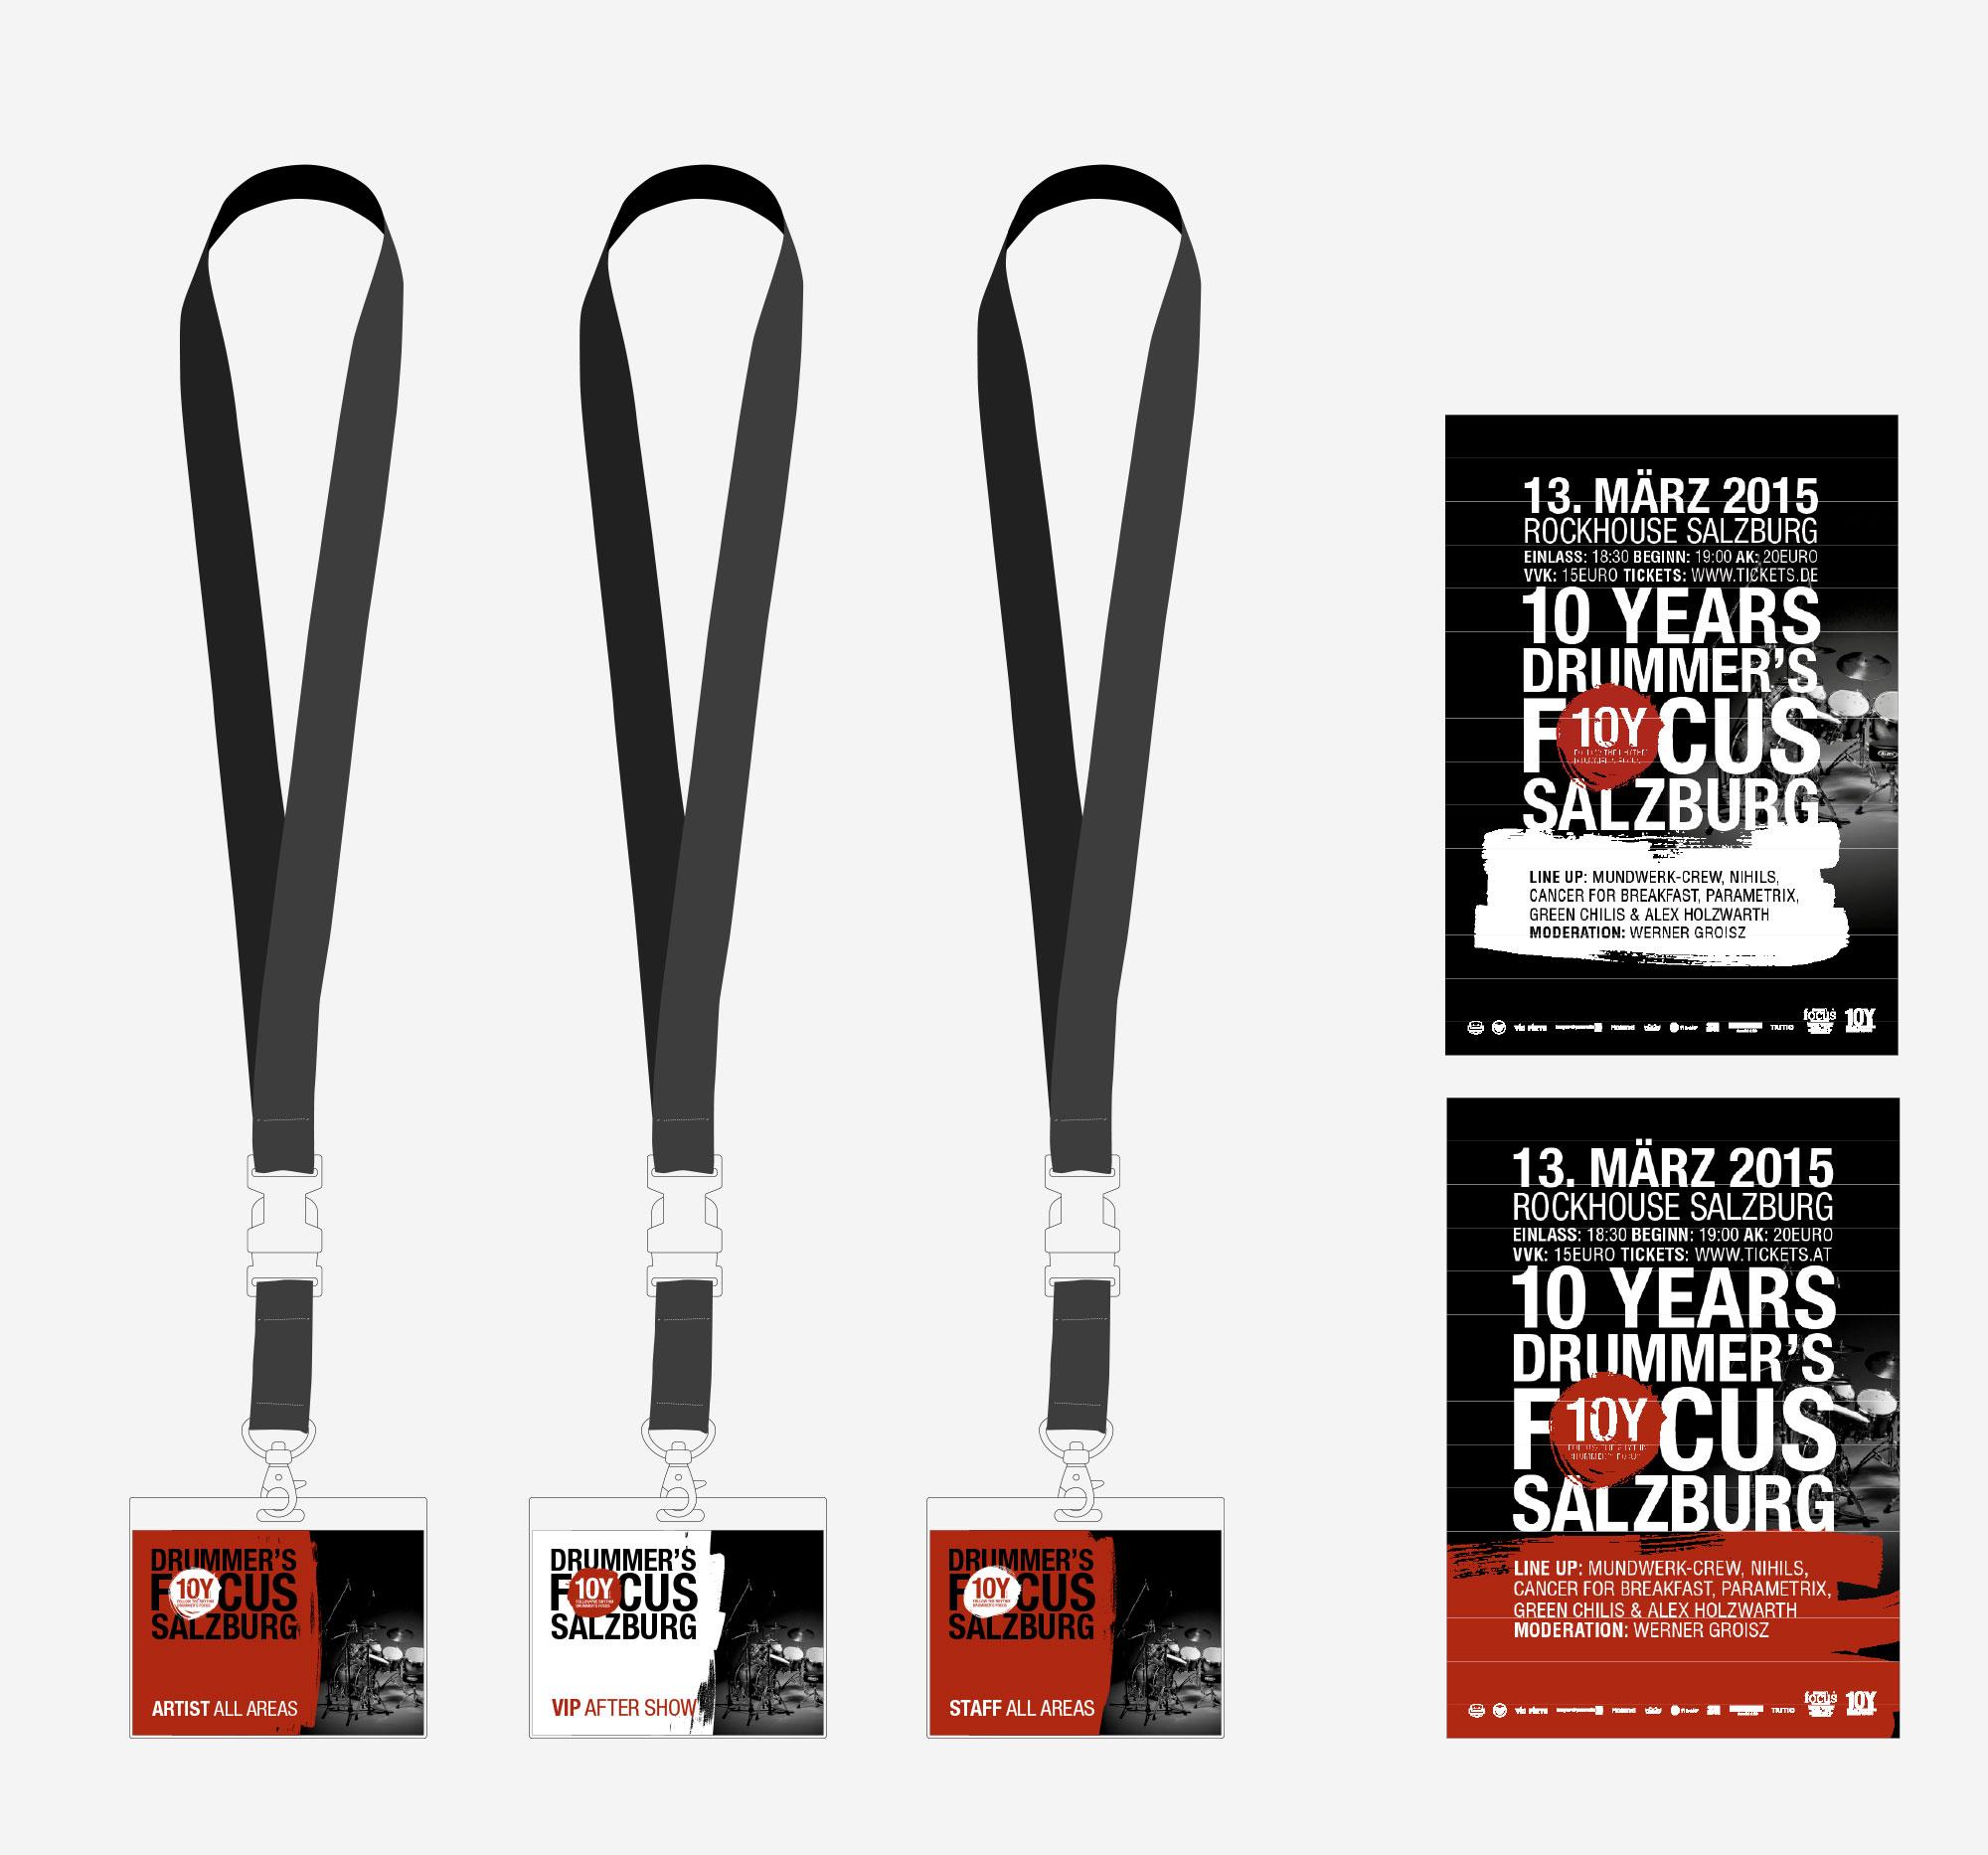 75a Büro für Gestaltung aus Stuttgart gestaltet die 10Y Drucksachen für drummer's focus Salzburg